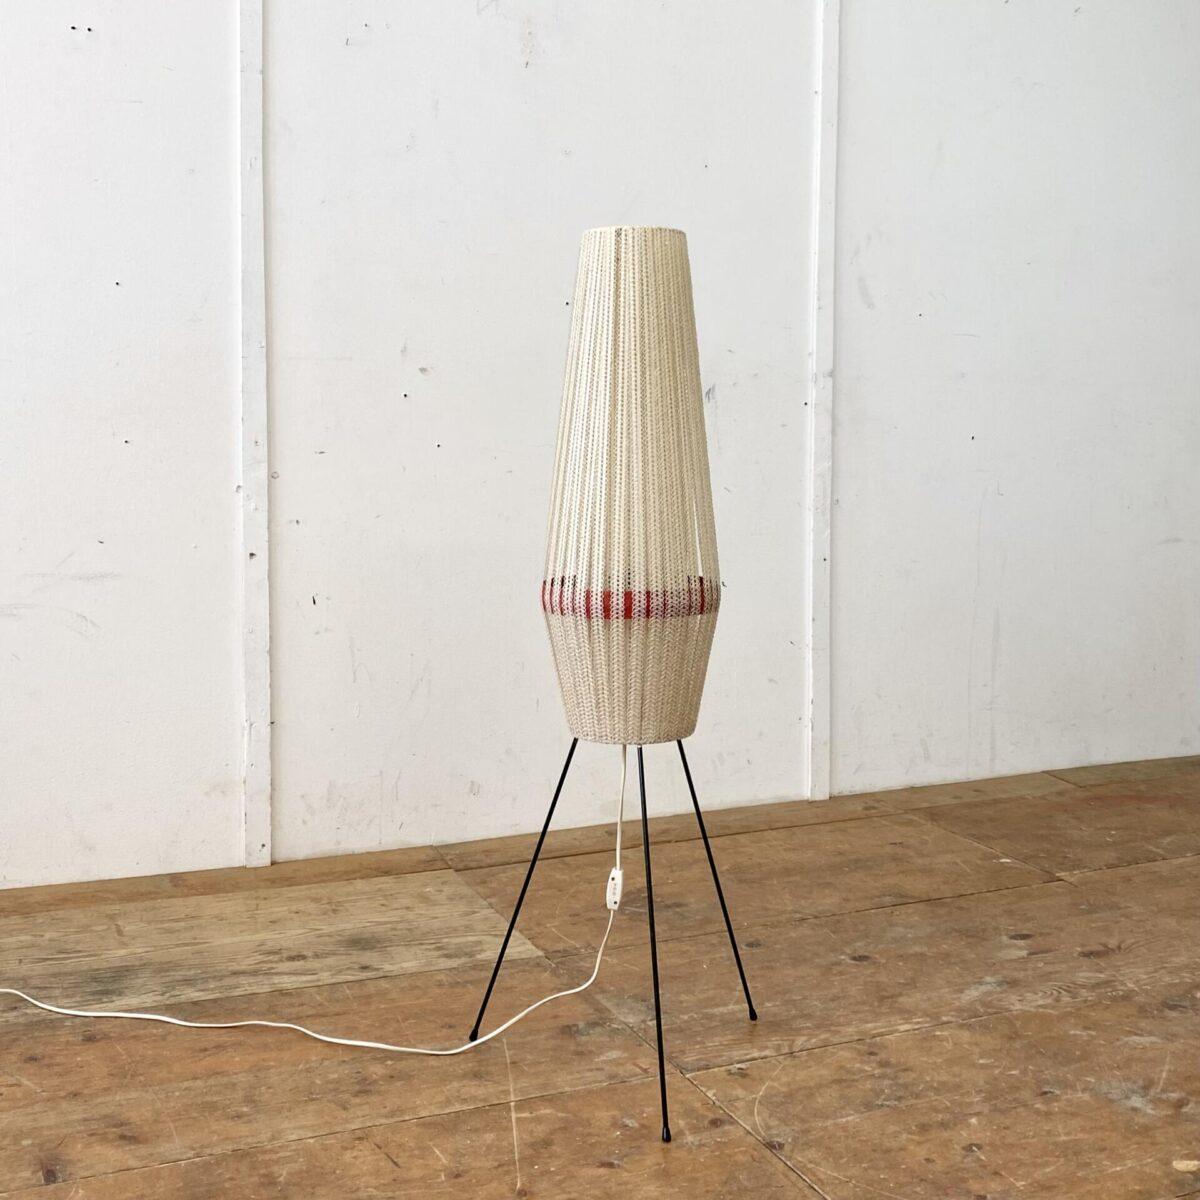 Deuxieme.shop midcentury tripod rocket lamp, vintage ständerlampe swissdesign, Space age. Stehlampe aus den 50er 60er Jahren. Höhe 108 cm. Die Leuchte steht auf drei feingliedrigen Metallbeinen. Das Stoffähnliche Gewebe des Lampenschirms, ist in sauberemguten Zustand, oft sind diese im inneren etwas verbrannt oder ausgefranst.